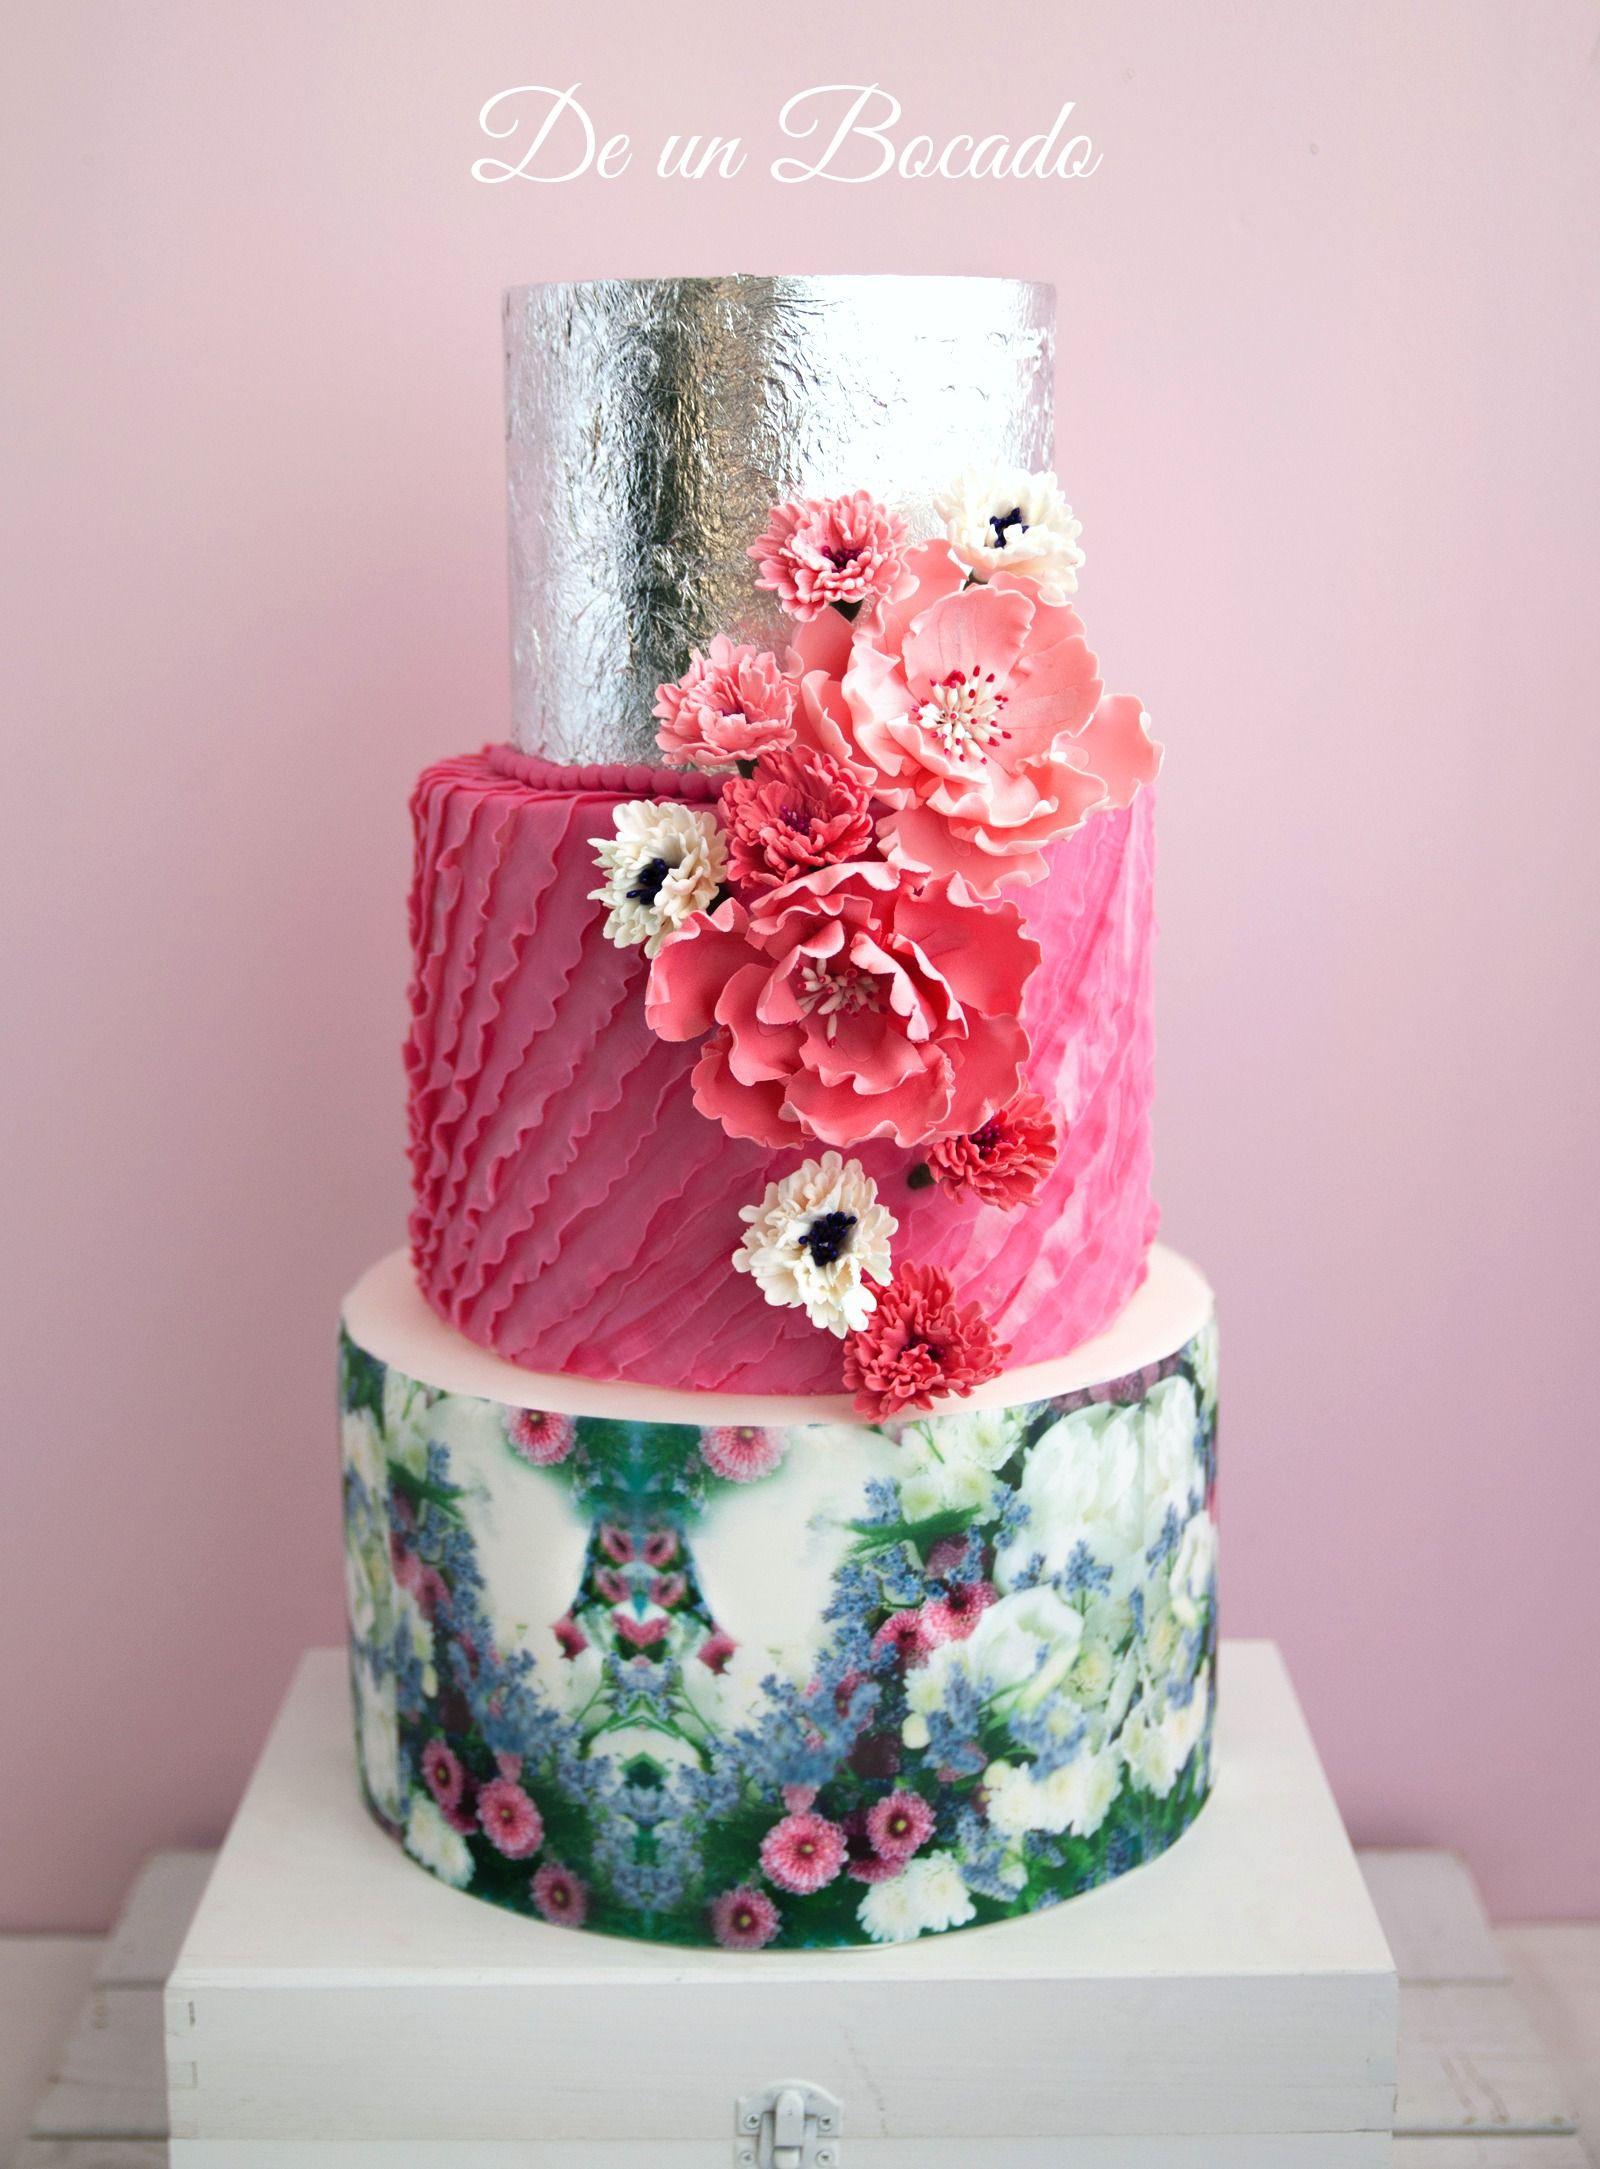 Silver wedding cake with pop of pink on satinice de un bocado